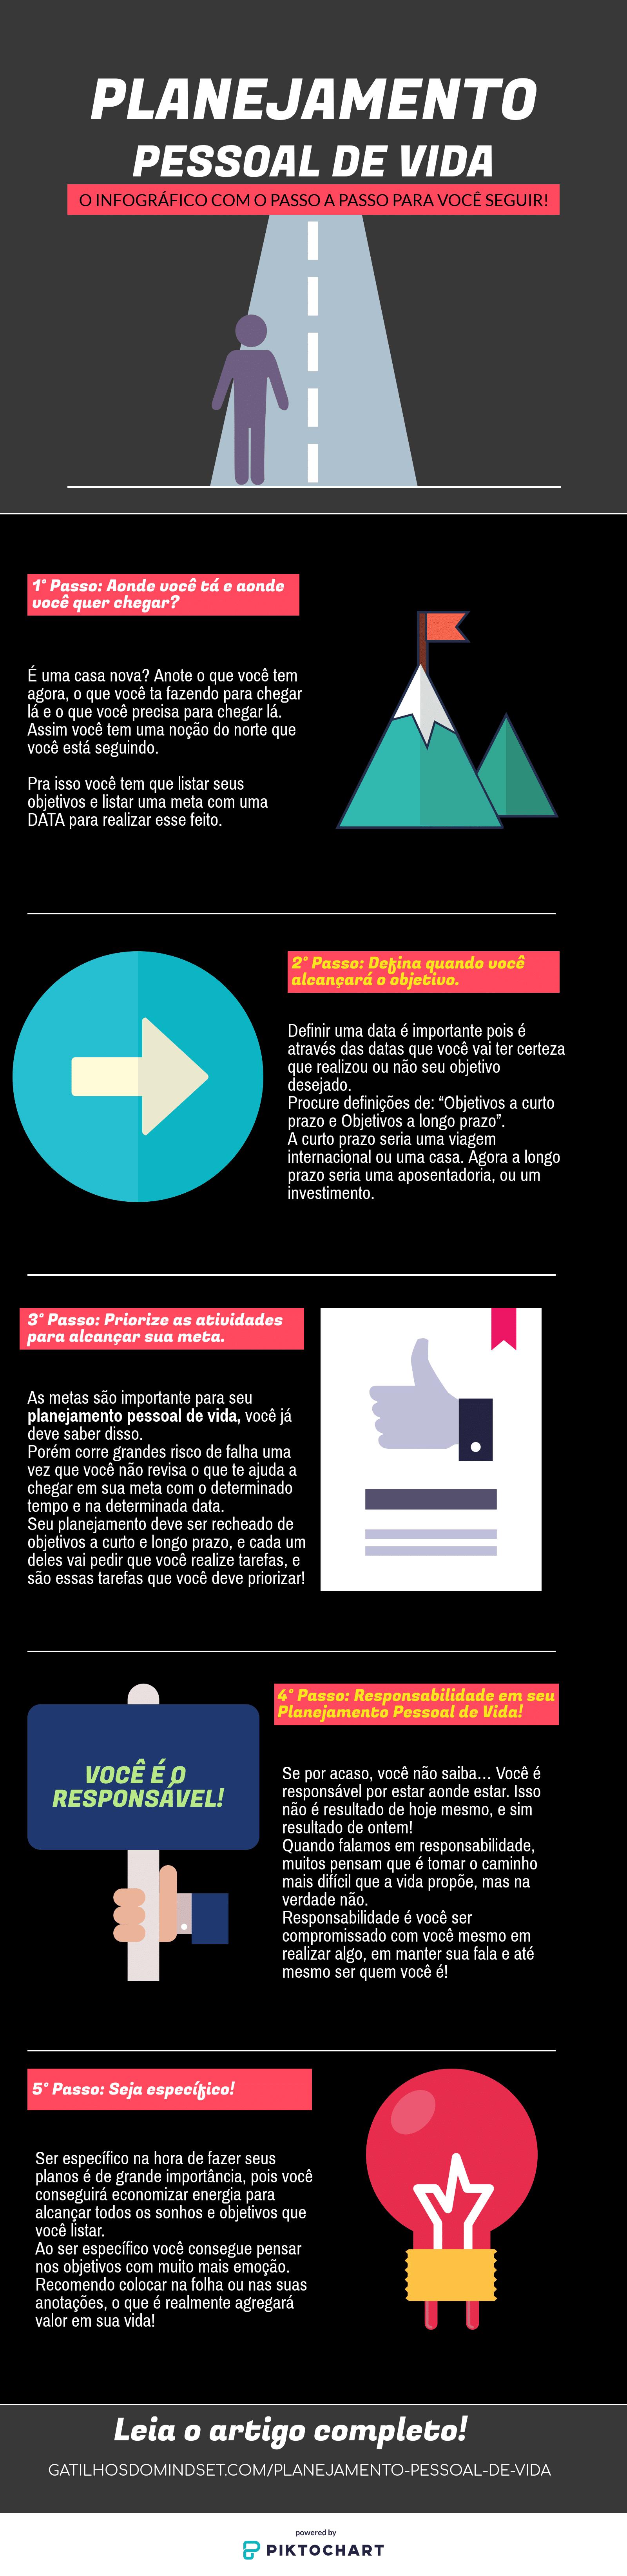 infografico sobre planejamento pessoal de vida